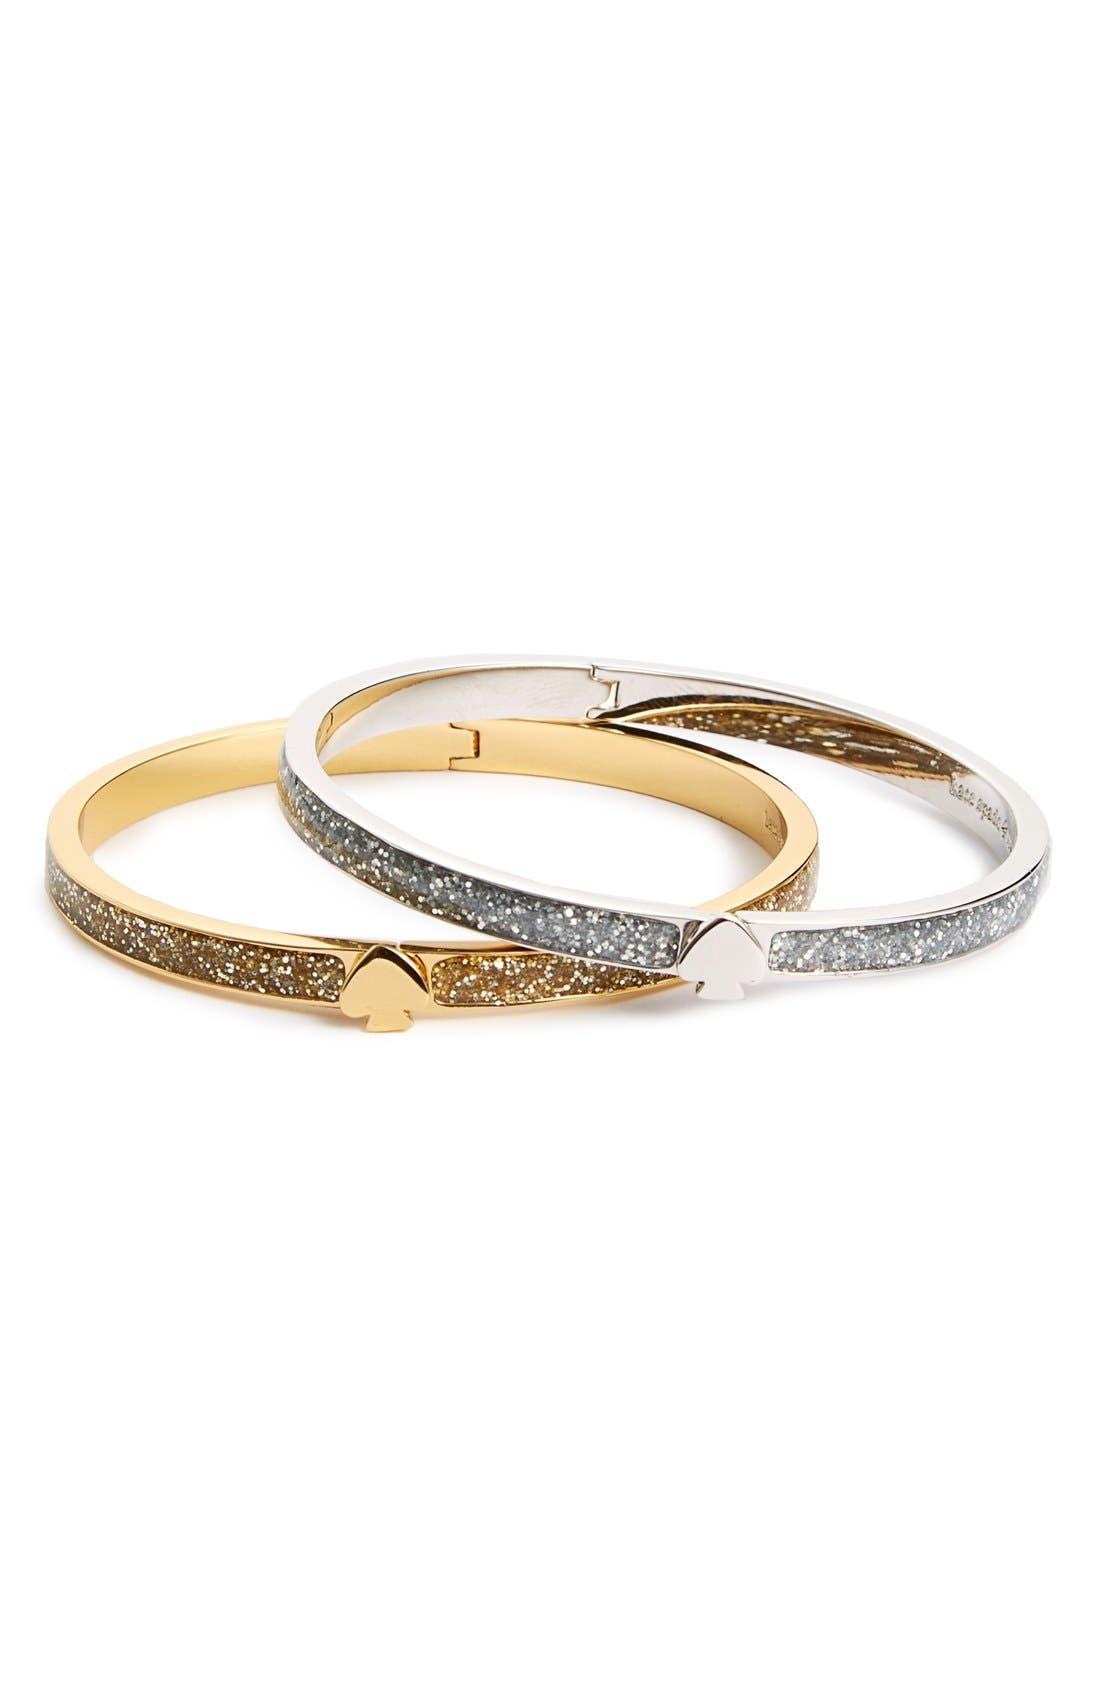 Kate Spade Bangle Bracelets Set Of 2 Nordstrom